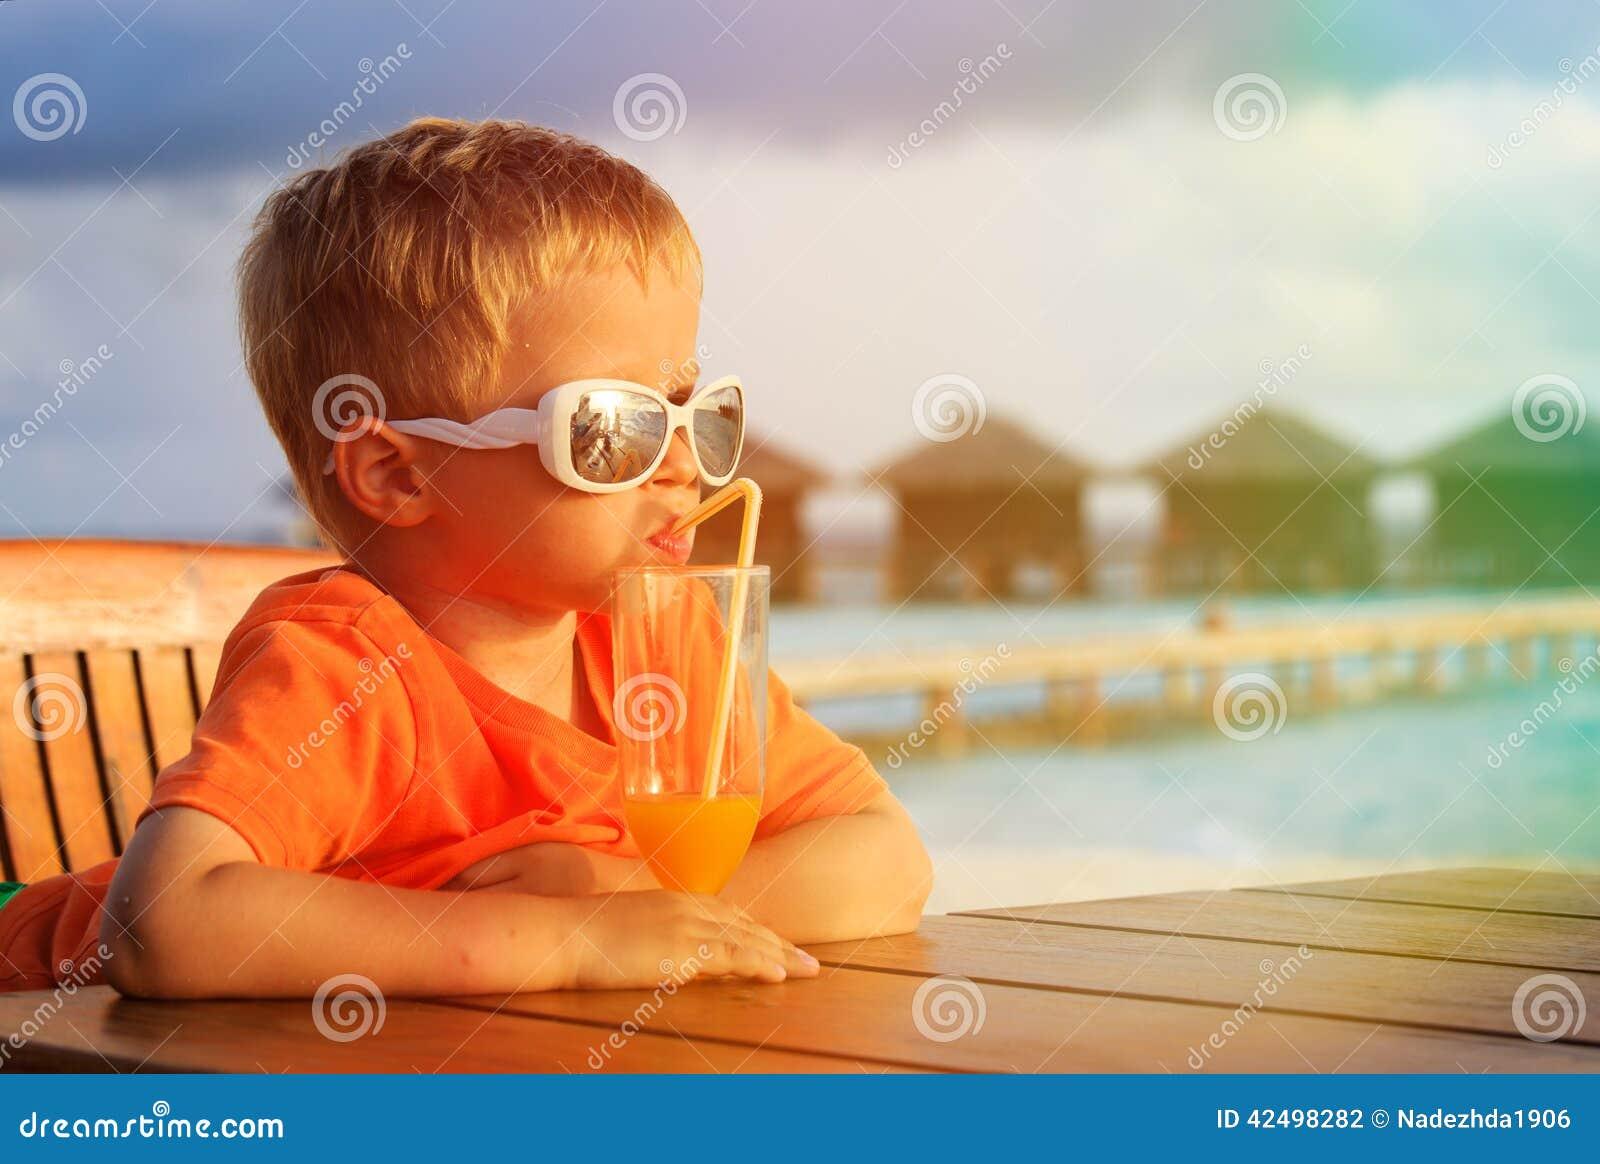 Cóctel de consumición del niño pequeño en la playa tropical